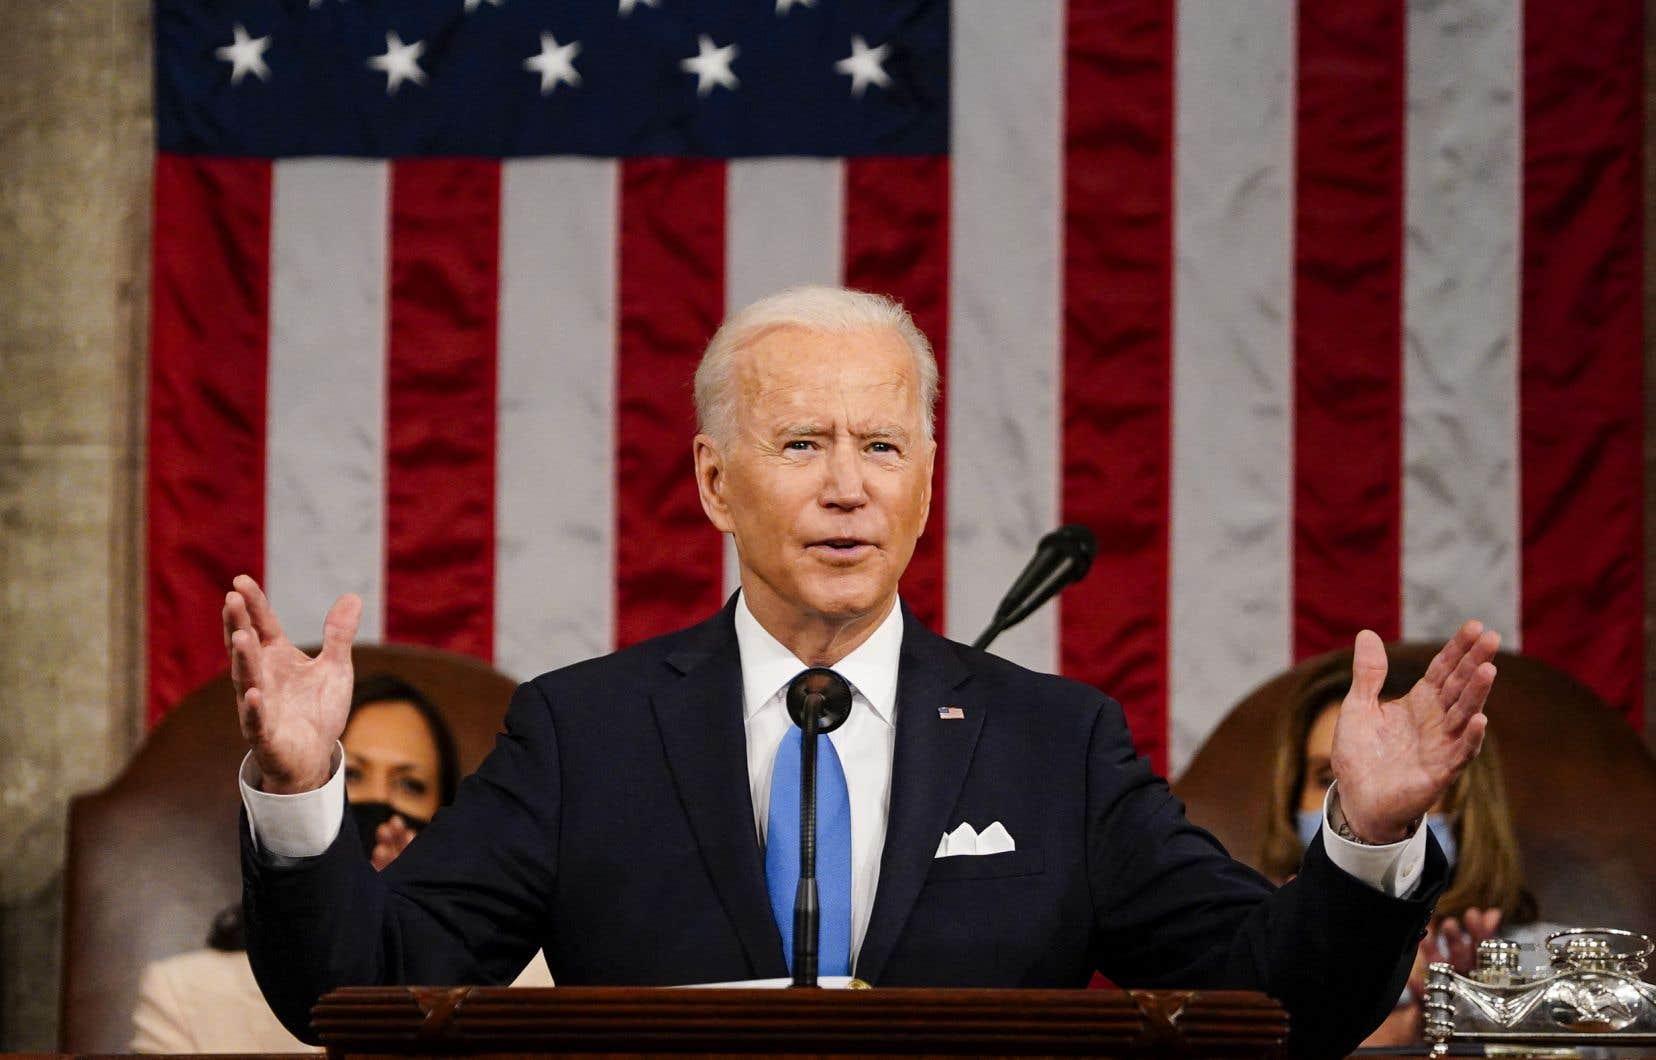 À la veille du cap symbolique de ses 100 jours au pouvoir, Joe Biden a décliné son «Projet pour les familles américaines», d'un montant total de près de 2000 milliards de dollars.